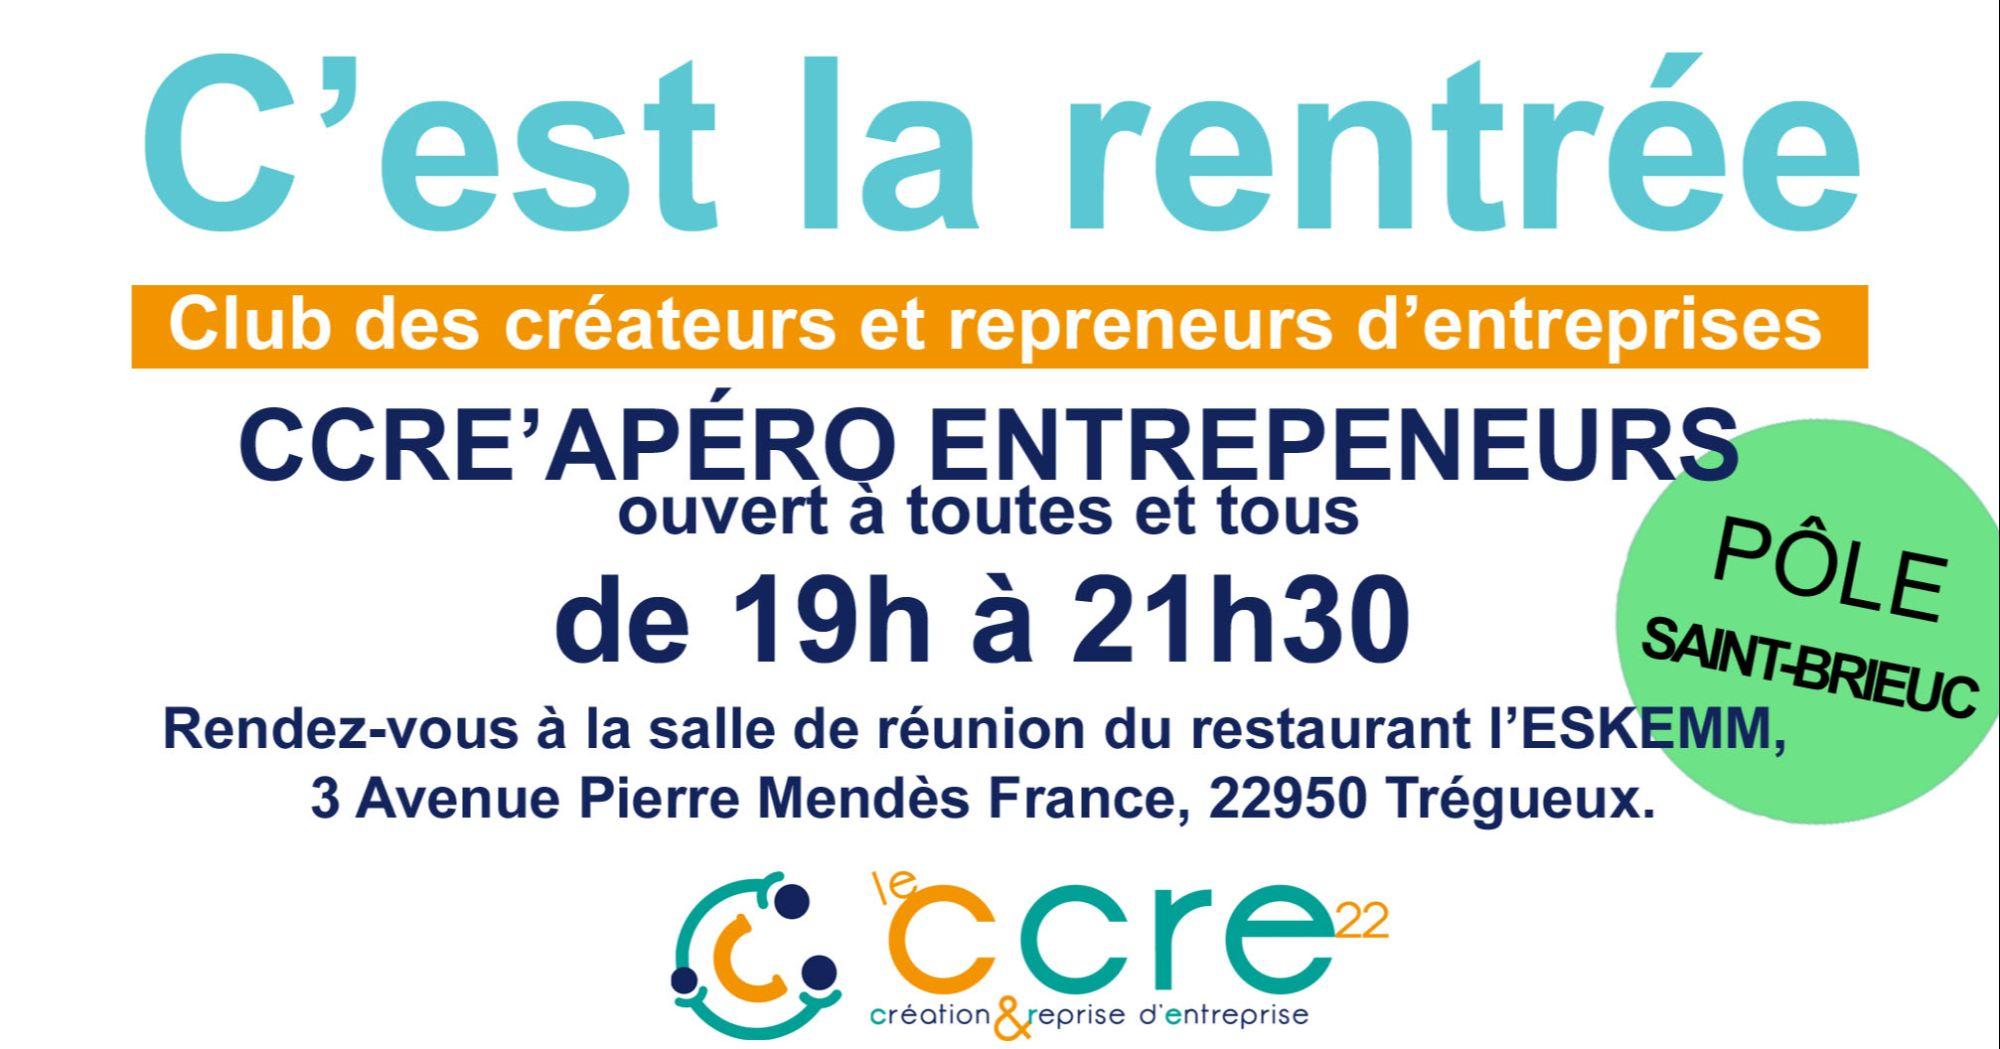 CCRE'APERO à Saint-Brieuc